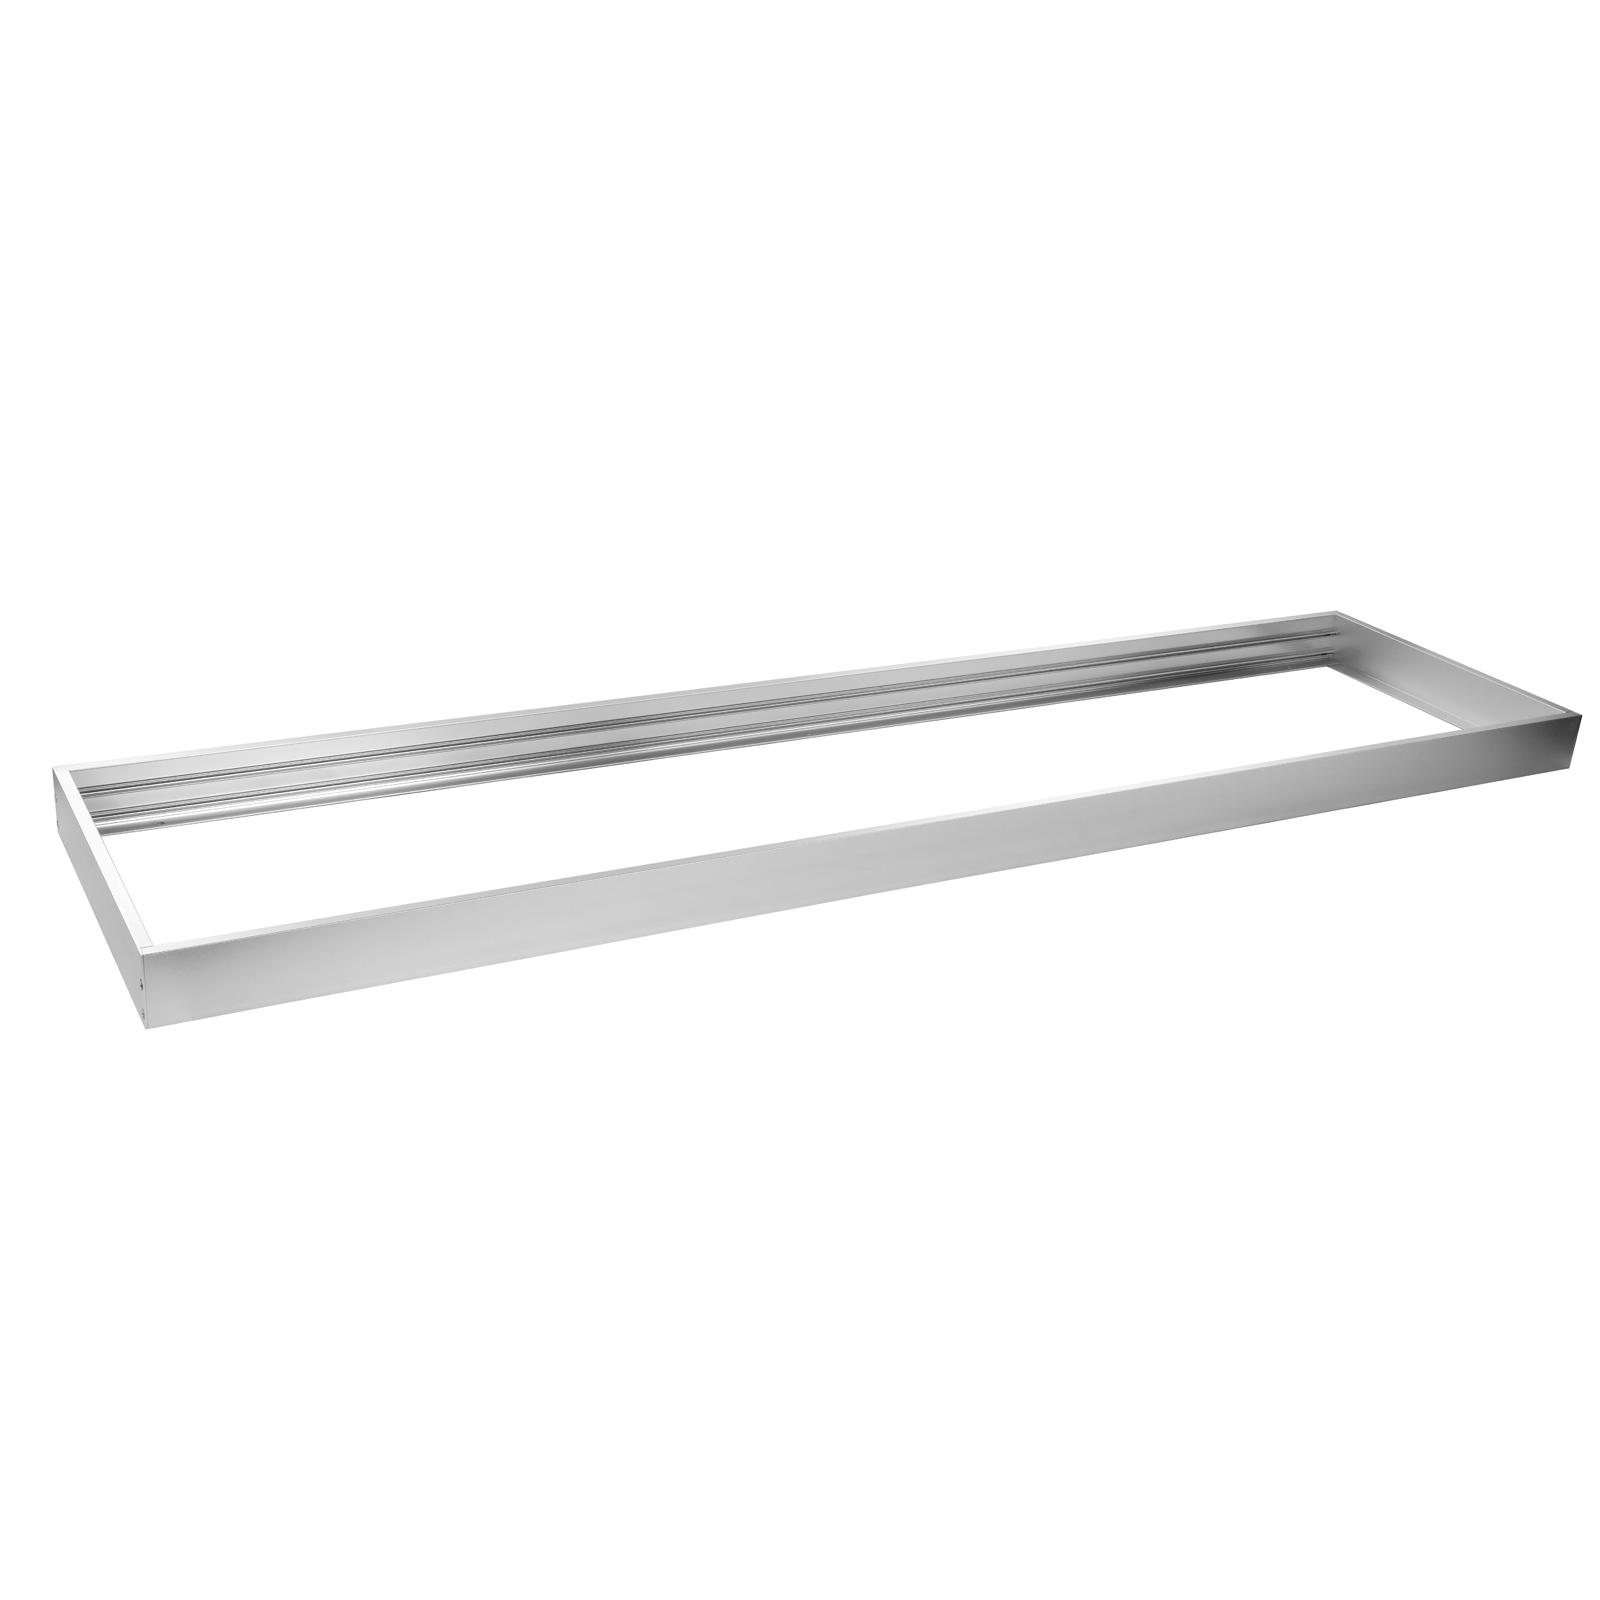 LED Panel Rahmen Halterung Anbaurahmen Aufputz für Decke Wand ...